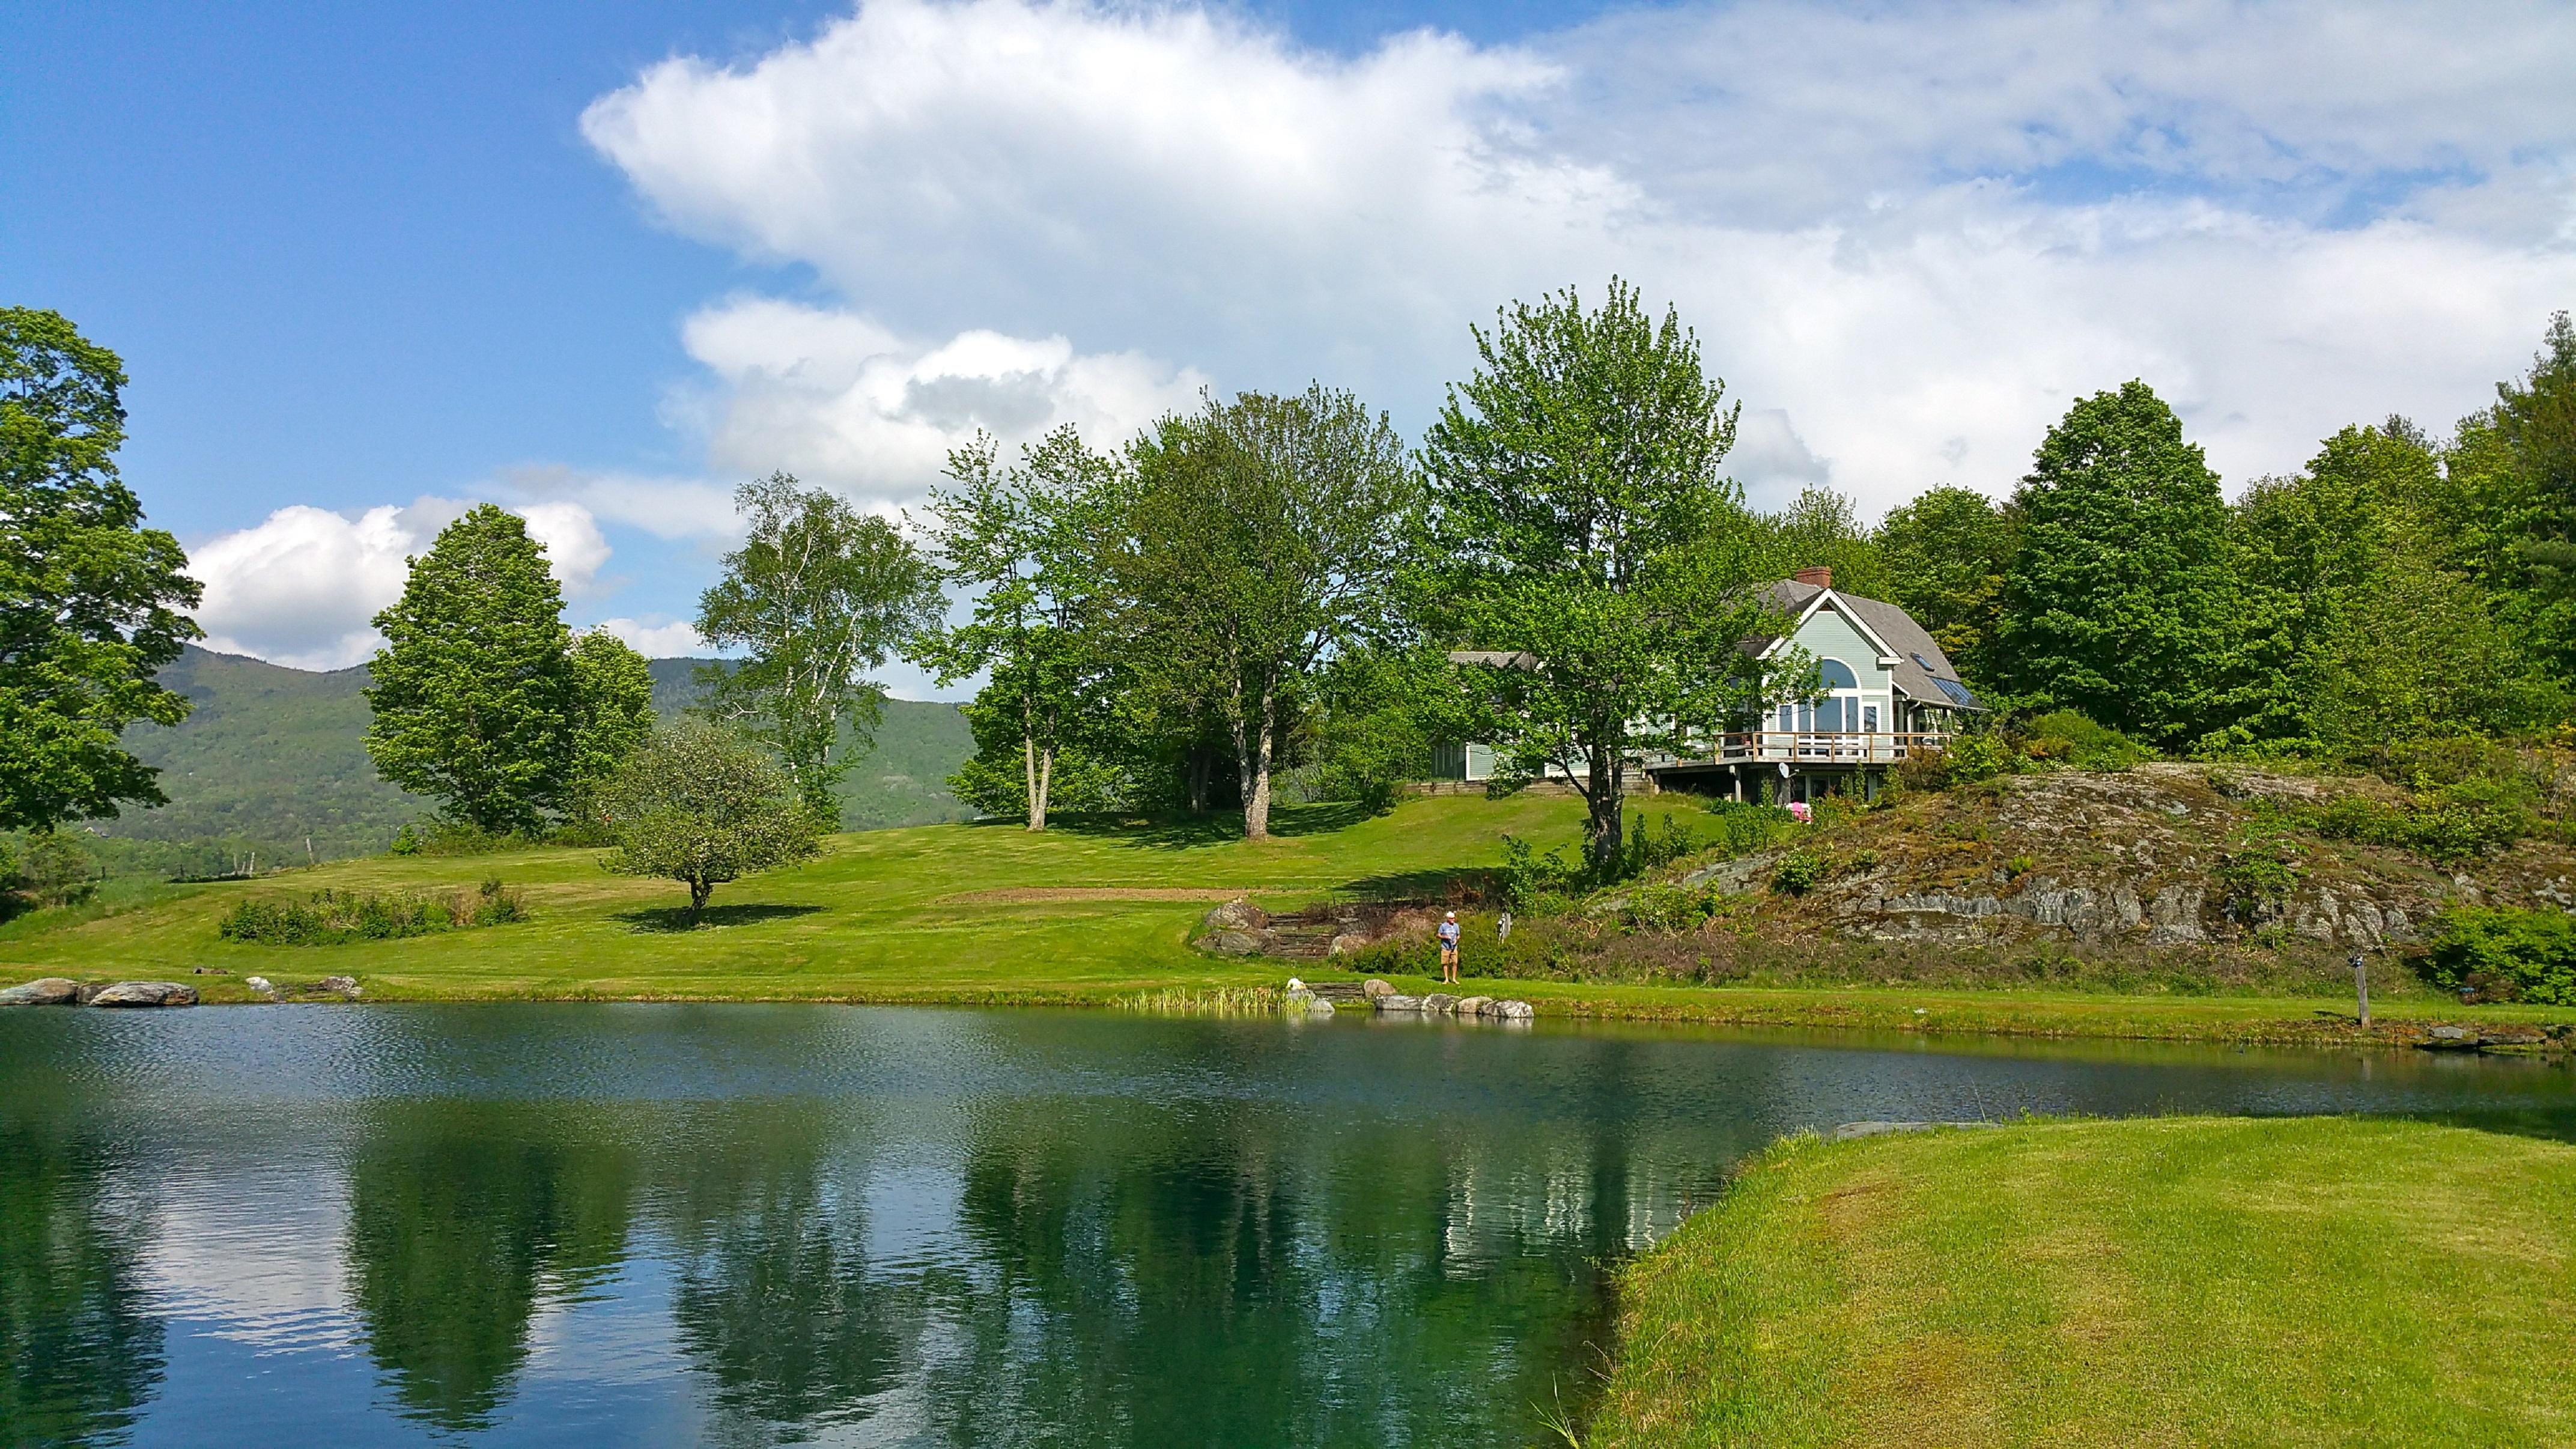 Villa per Vendita alle ore 650 Perry Lea Road, Waterbury 650 Perry Lea Rd Waterbury, Vermont 05676 Stati Uniti